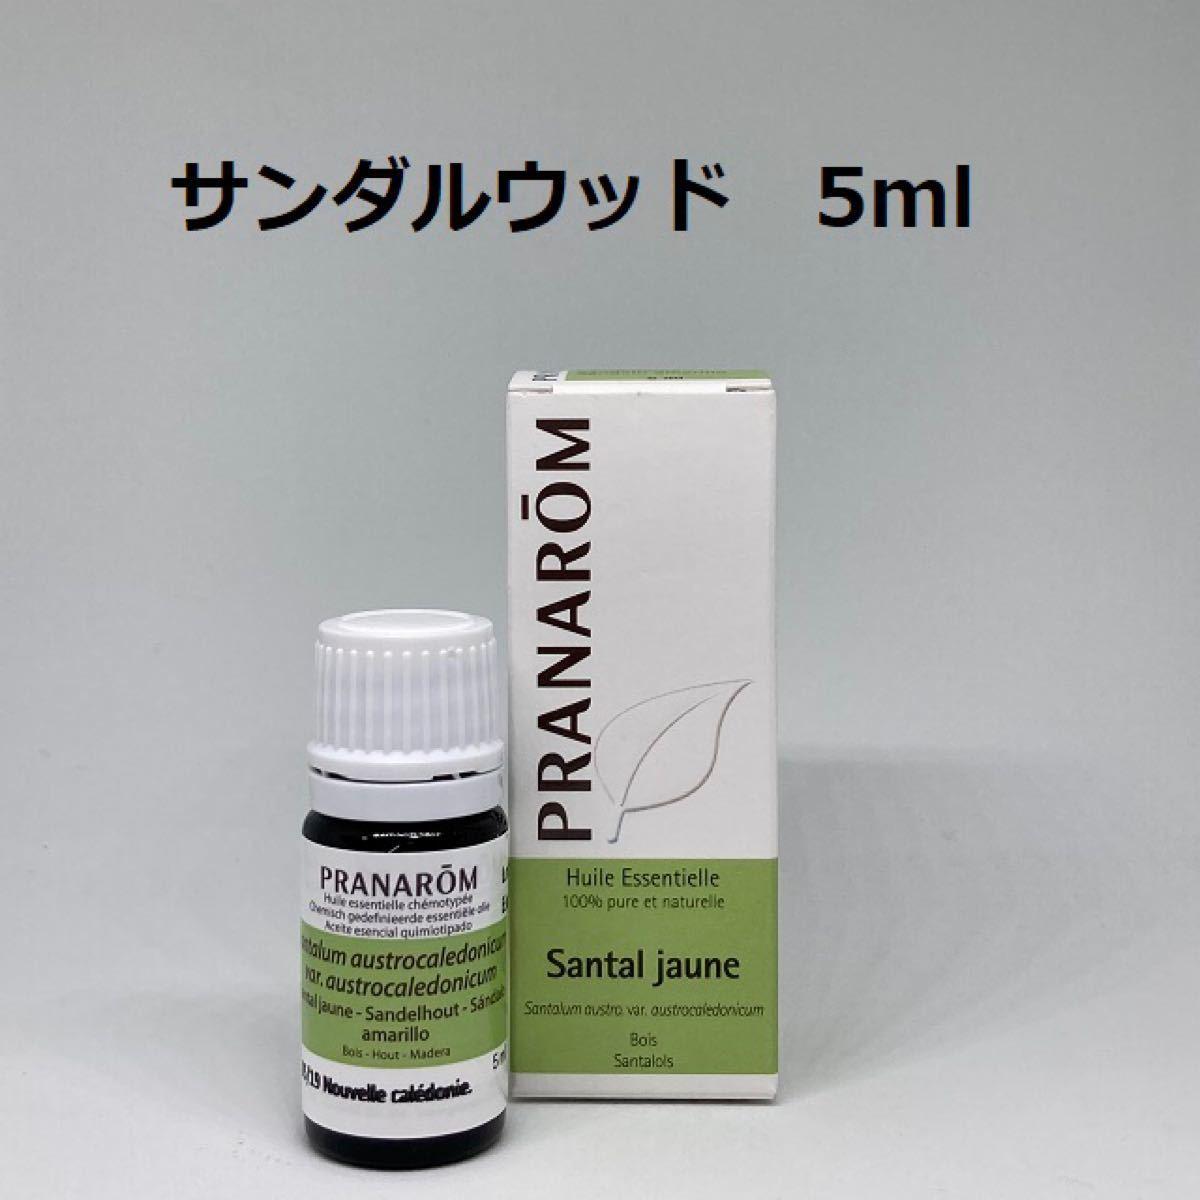 プラナロム サンダルウッド 5ml 精油 PRANAROM アロ